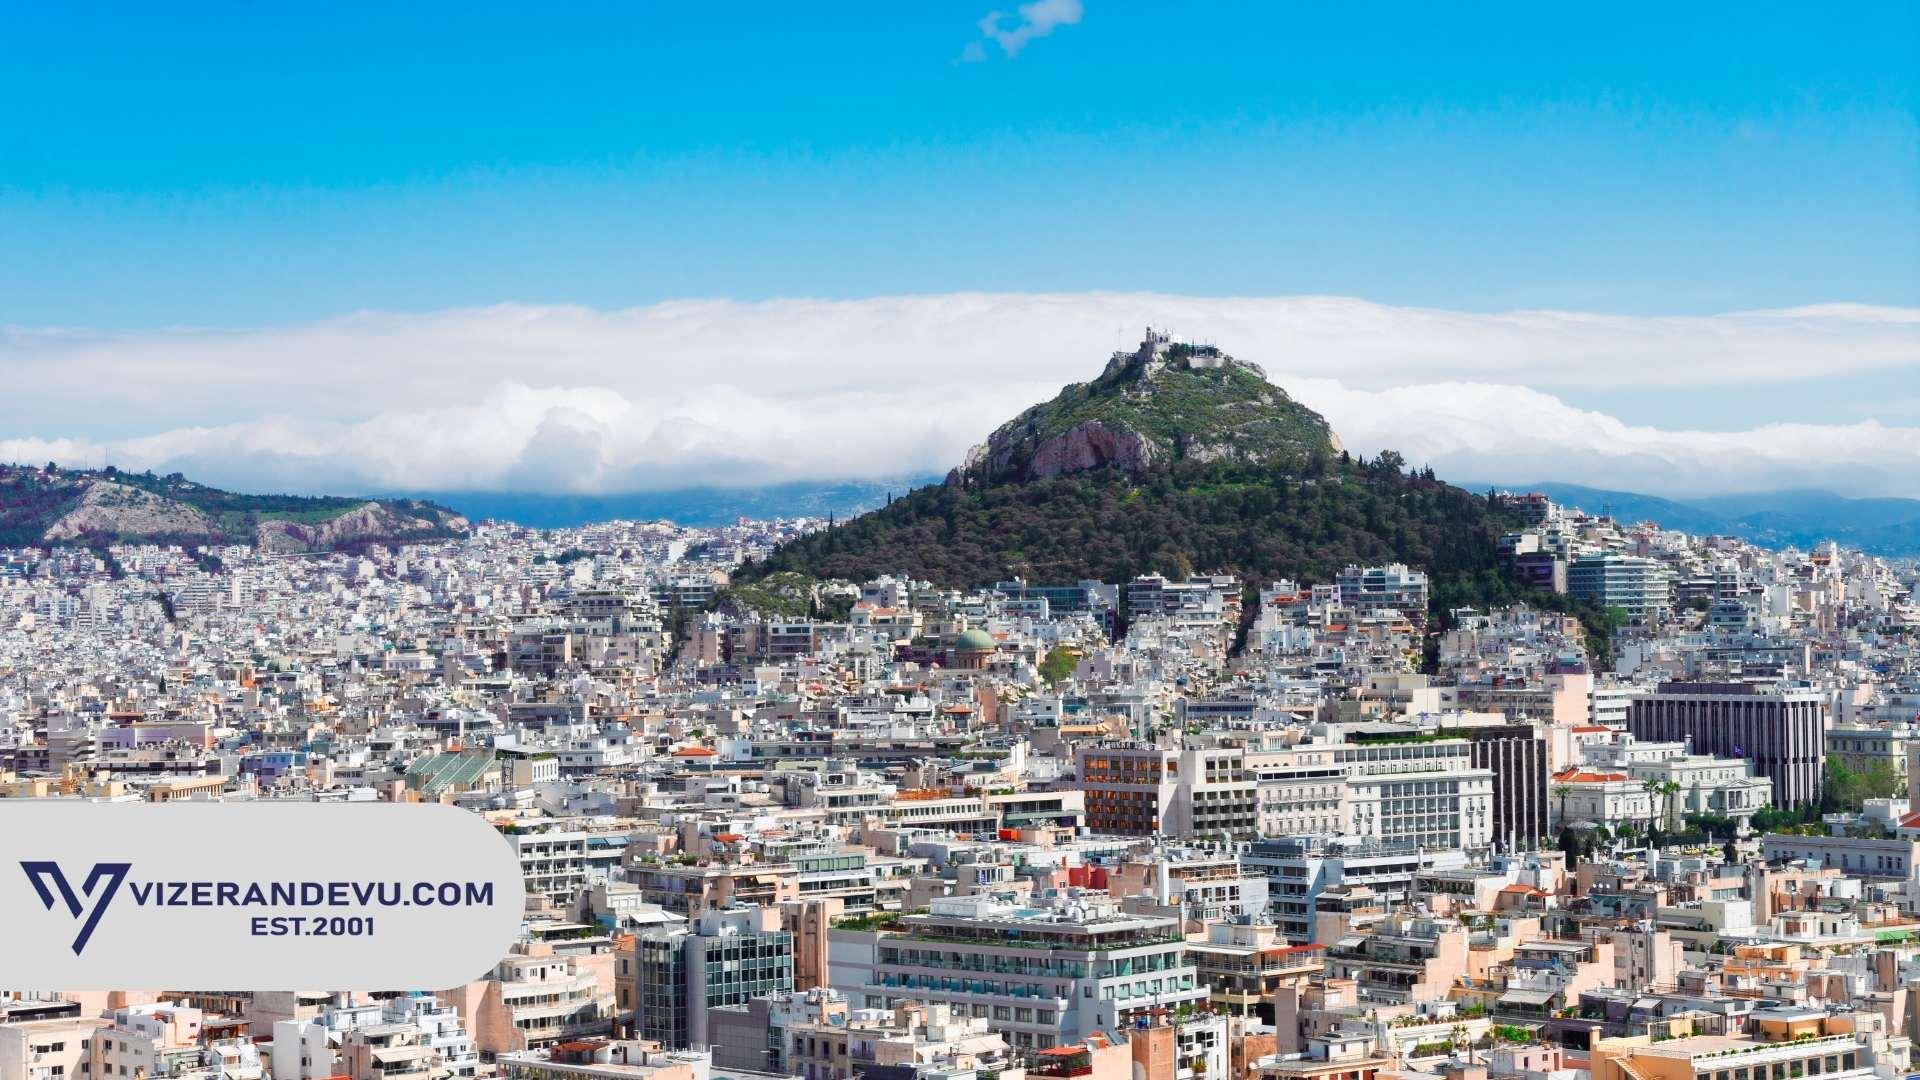 Yunanistan' a Seyahat İçin Vize Başvurusu Gerekli Olup Olmadığını Sorun!